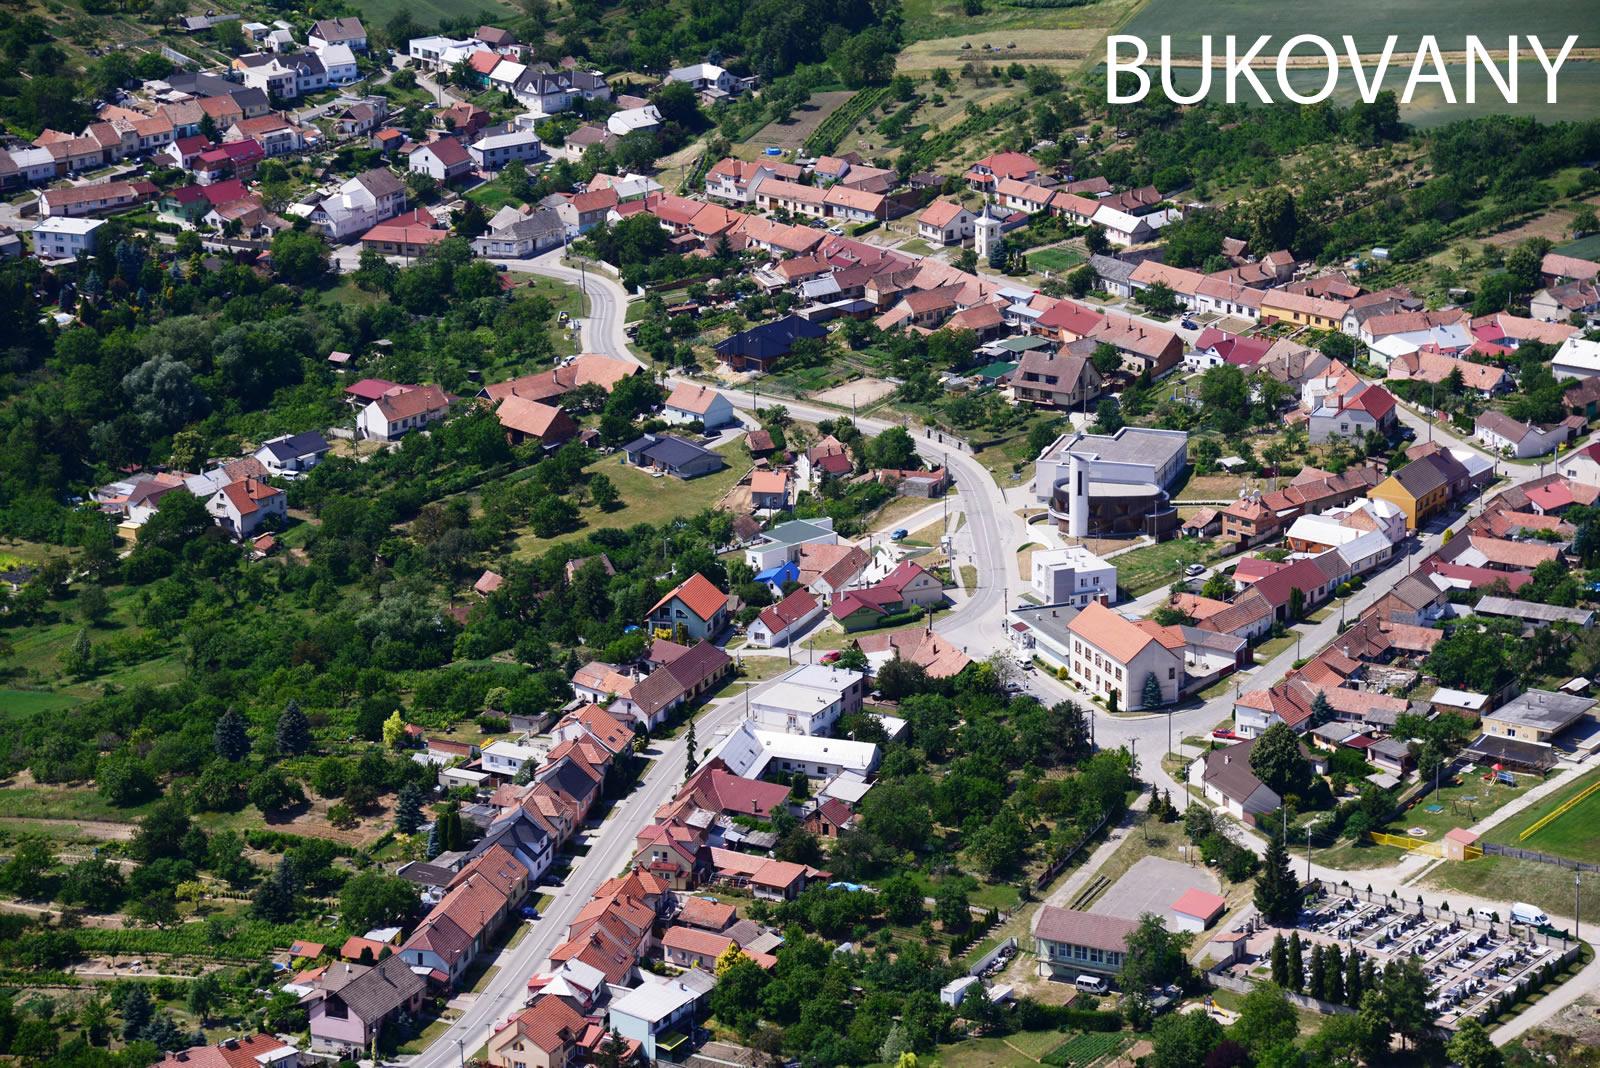 5-Bukovany